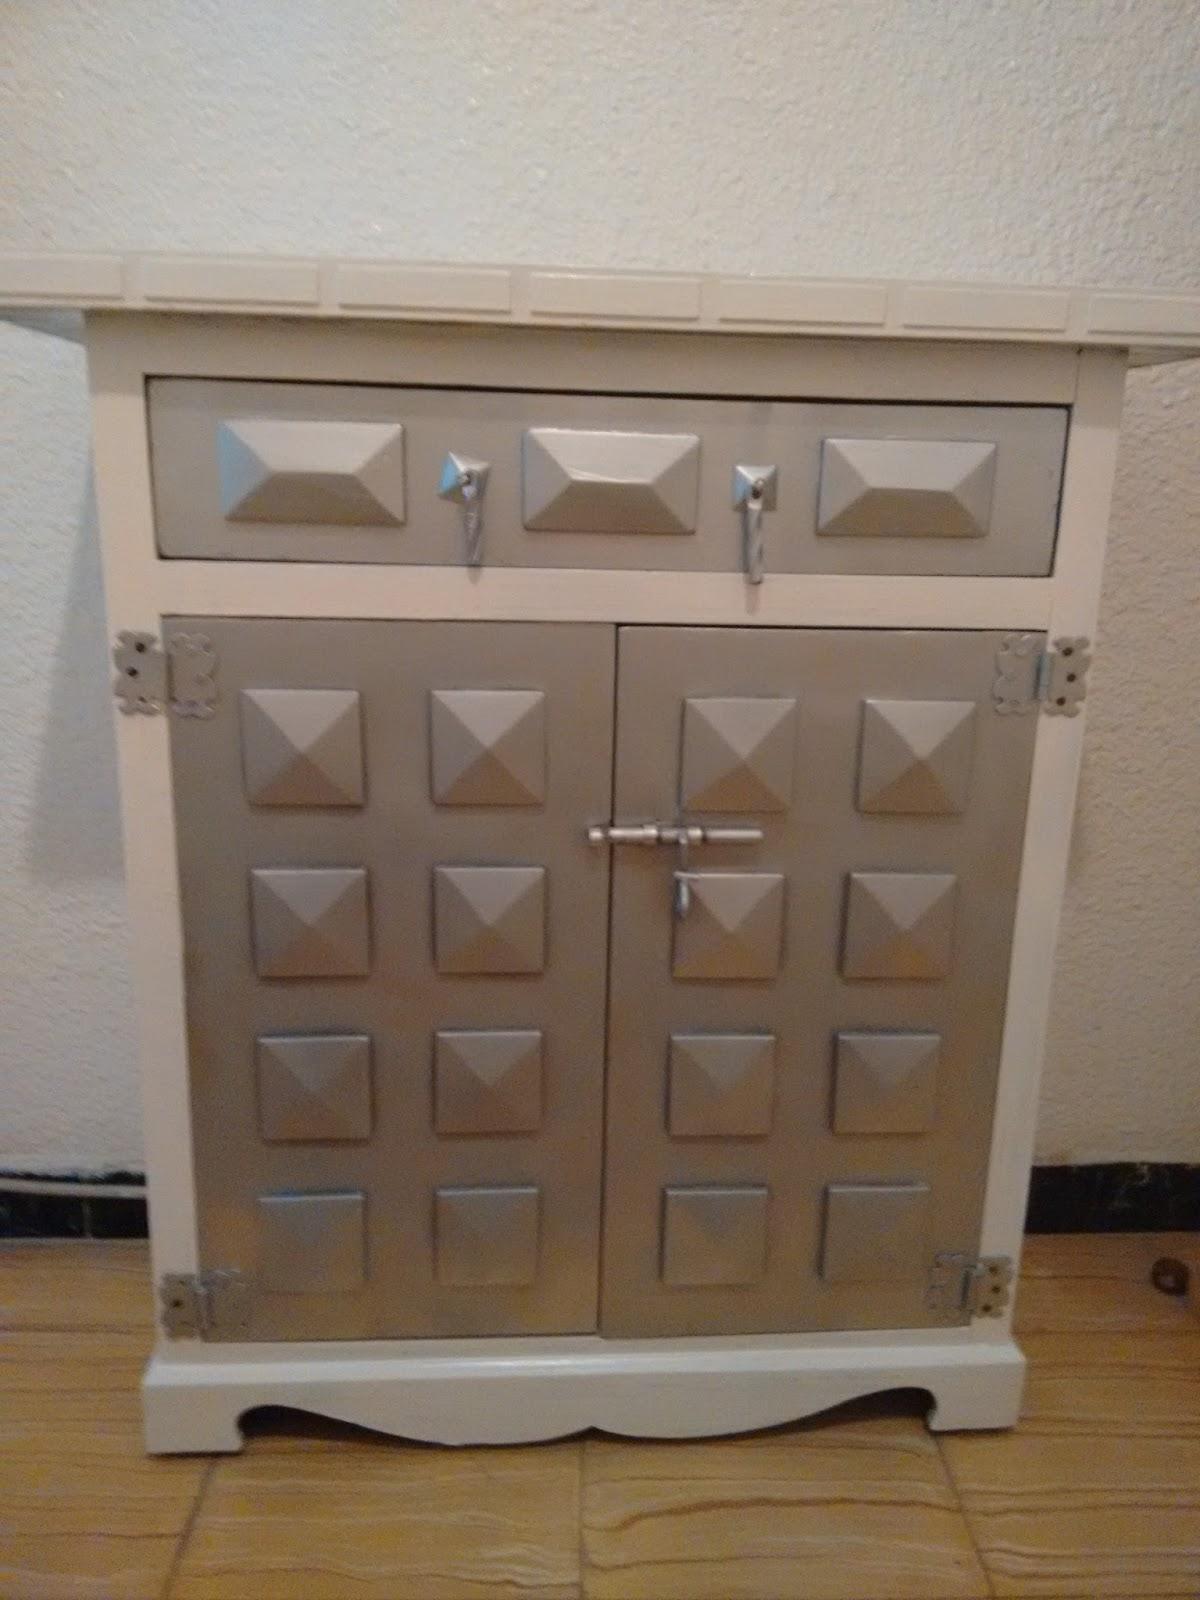 Pintar los muebles de blanco cool gallery of muebles de for Pintar muebles laminados